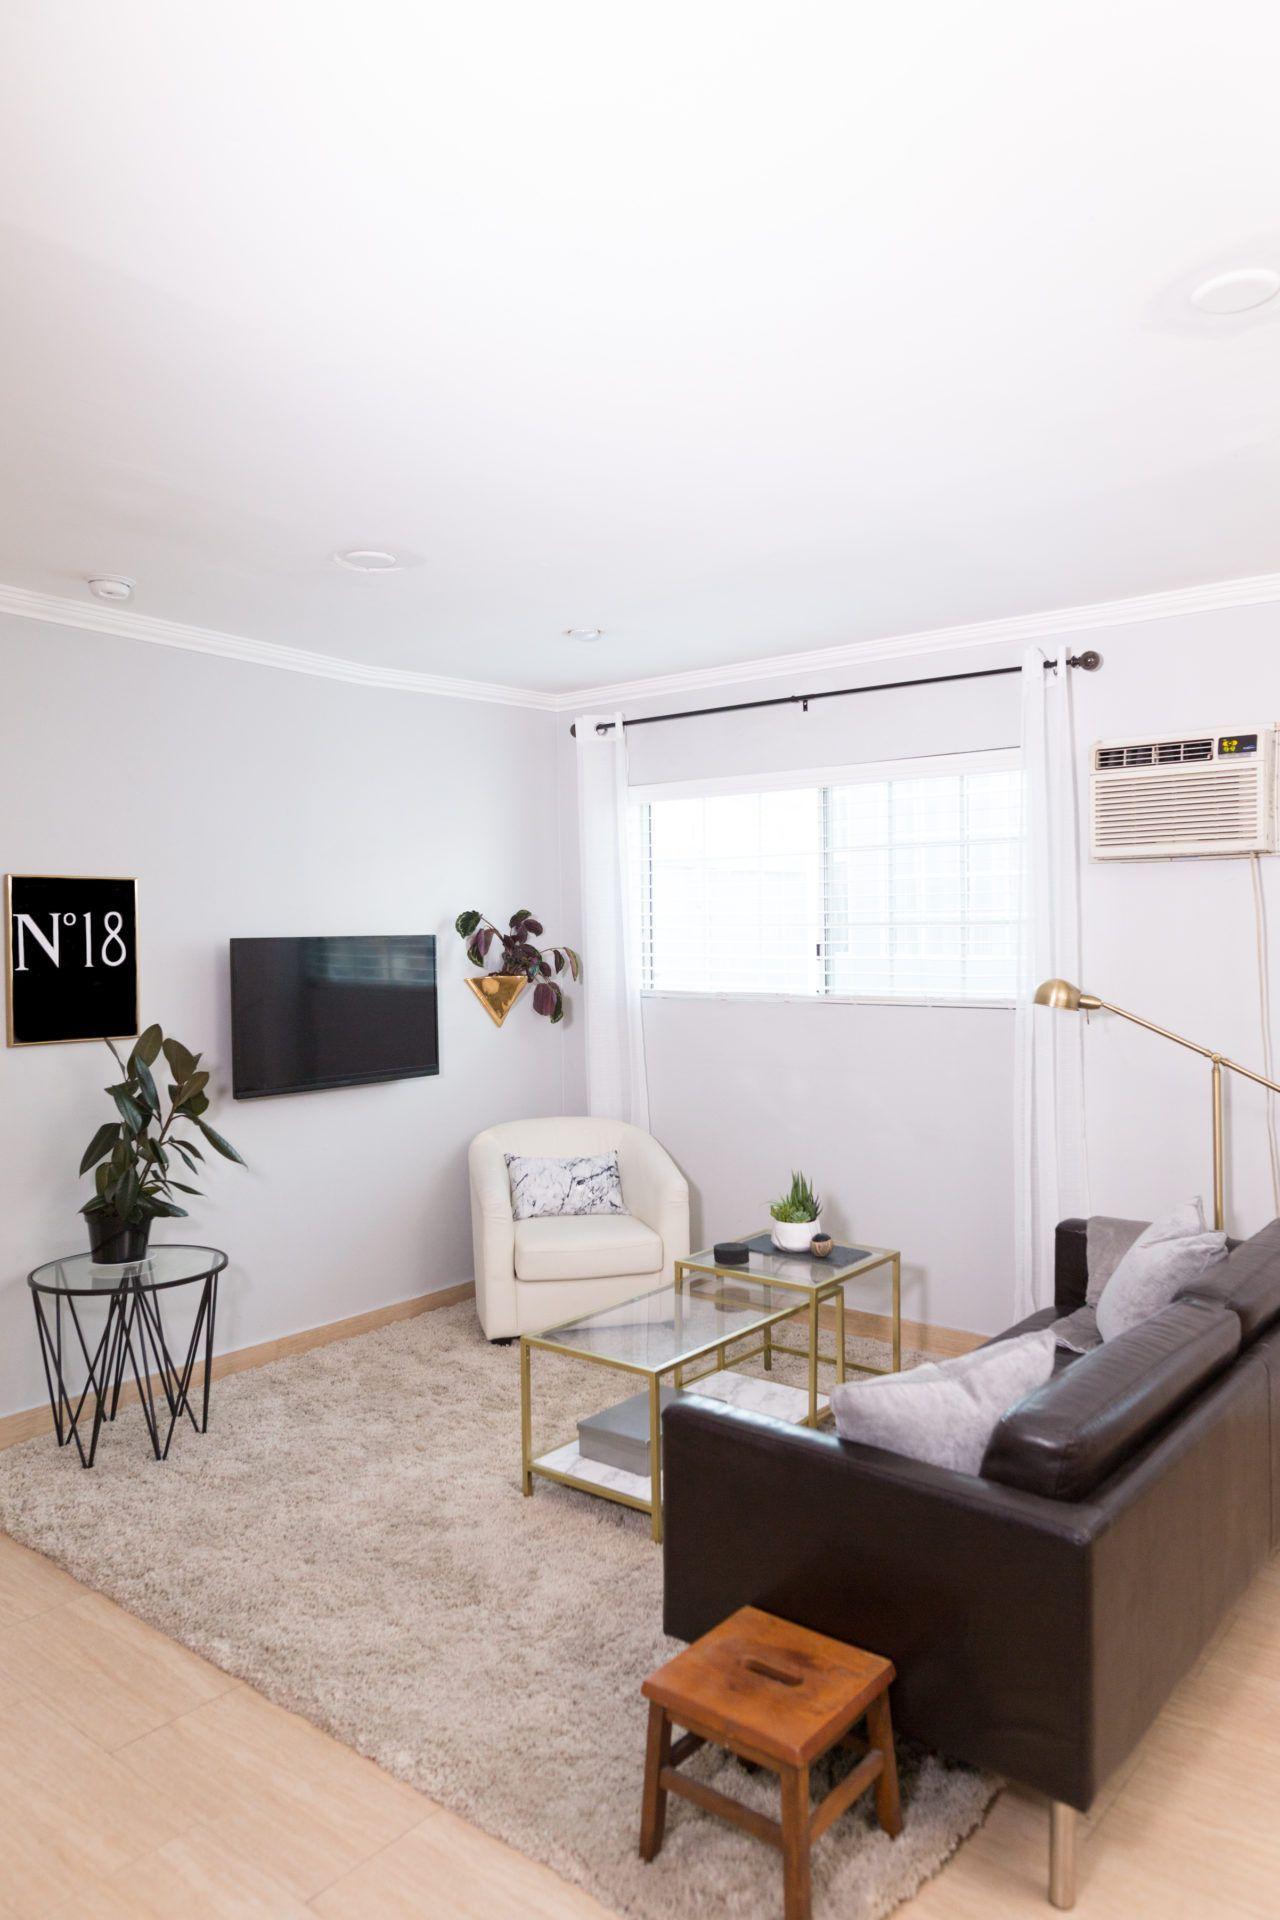 Mr. Kate - Tumblr Minimalist Living Room on a Budget!   minimalist ...